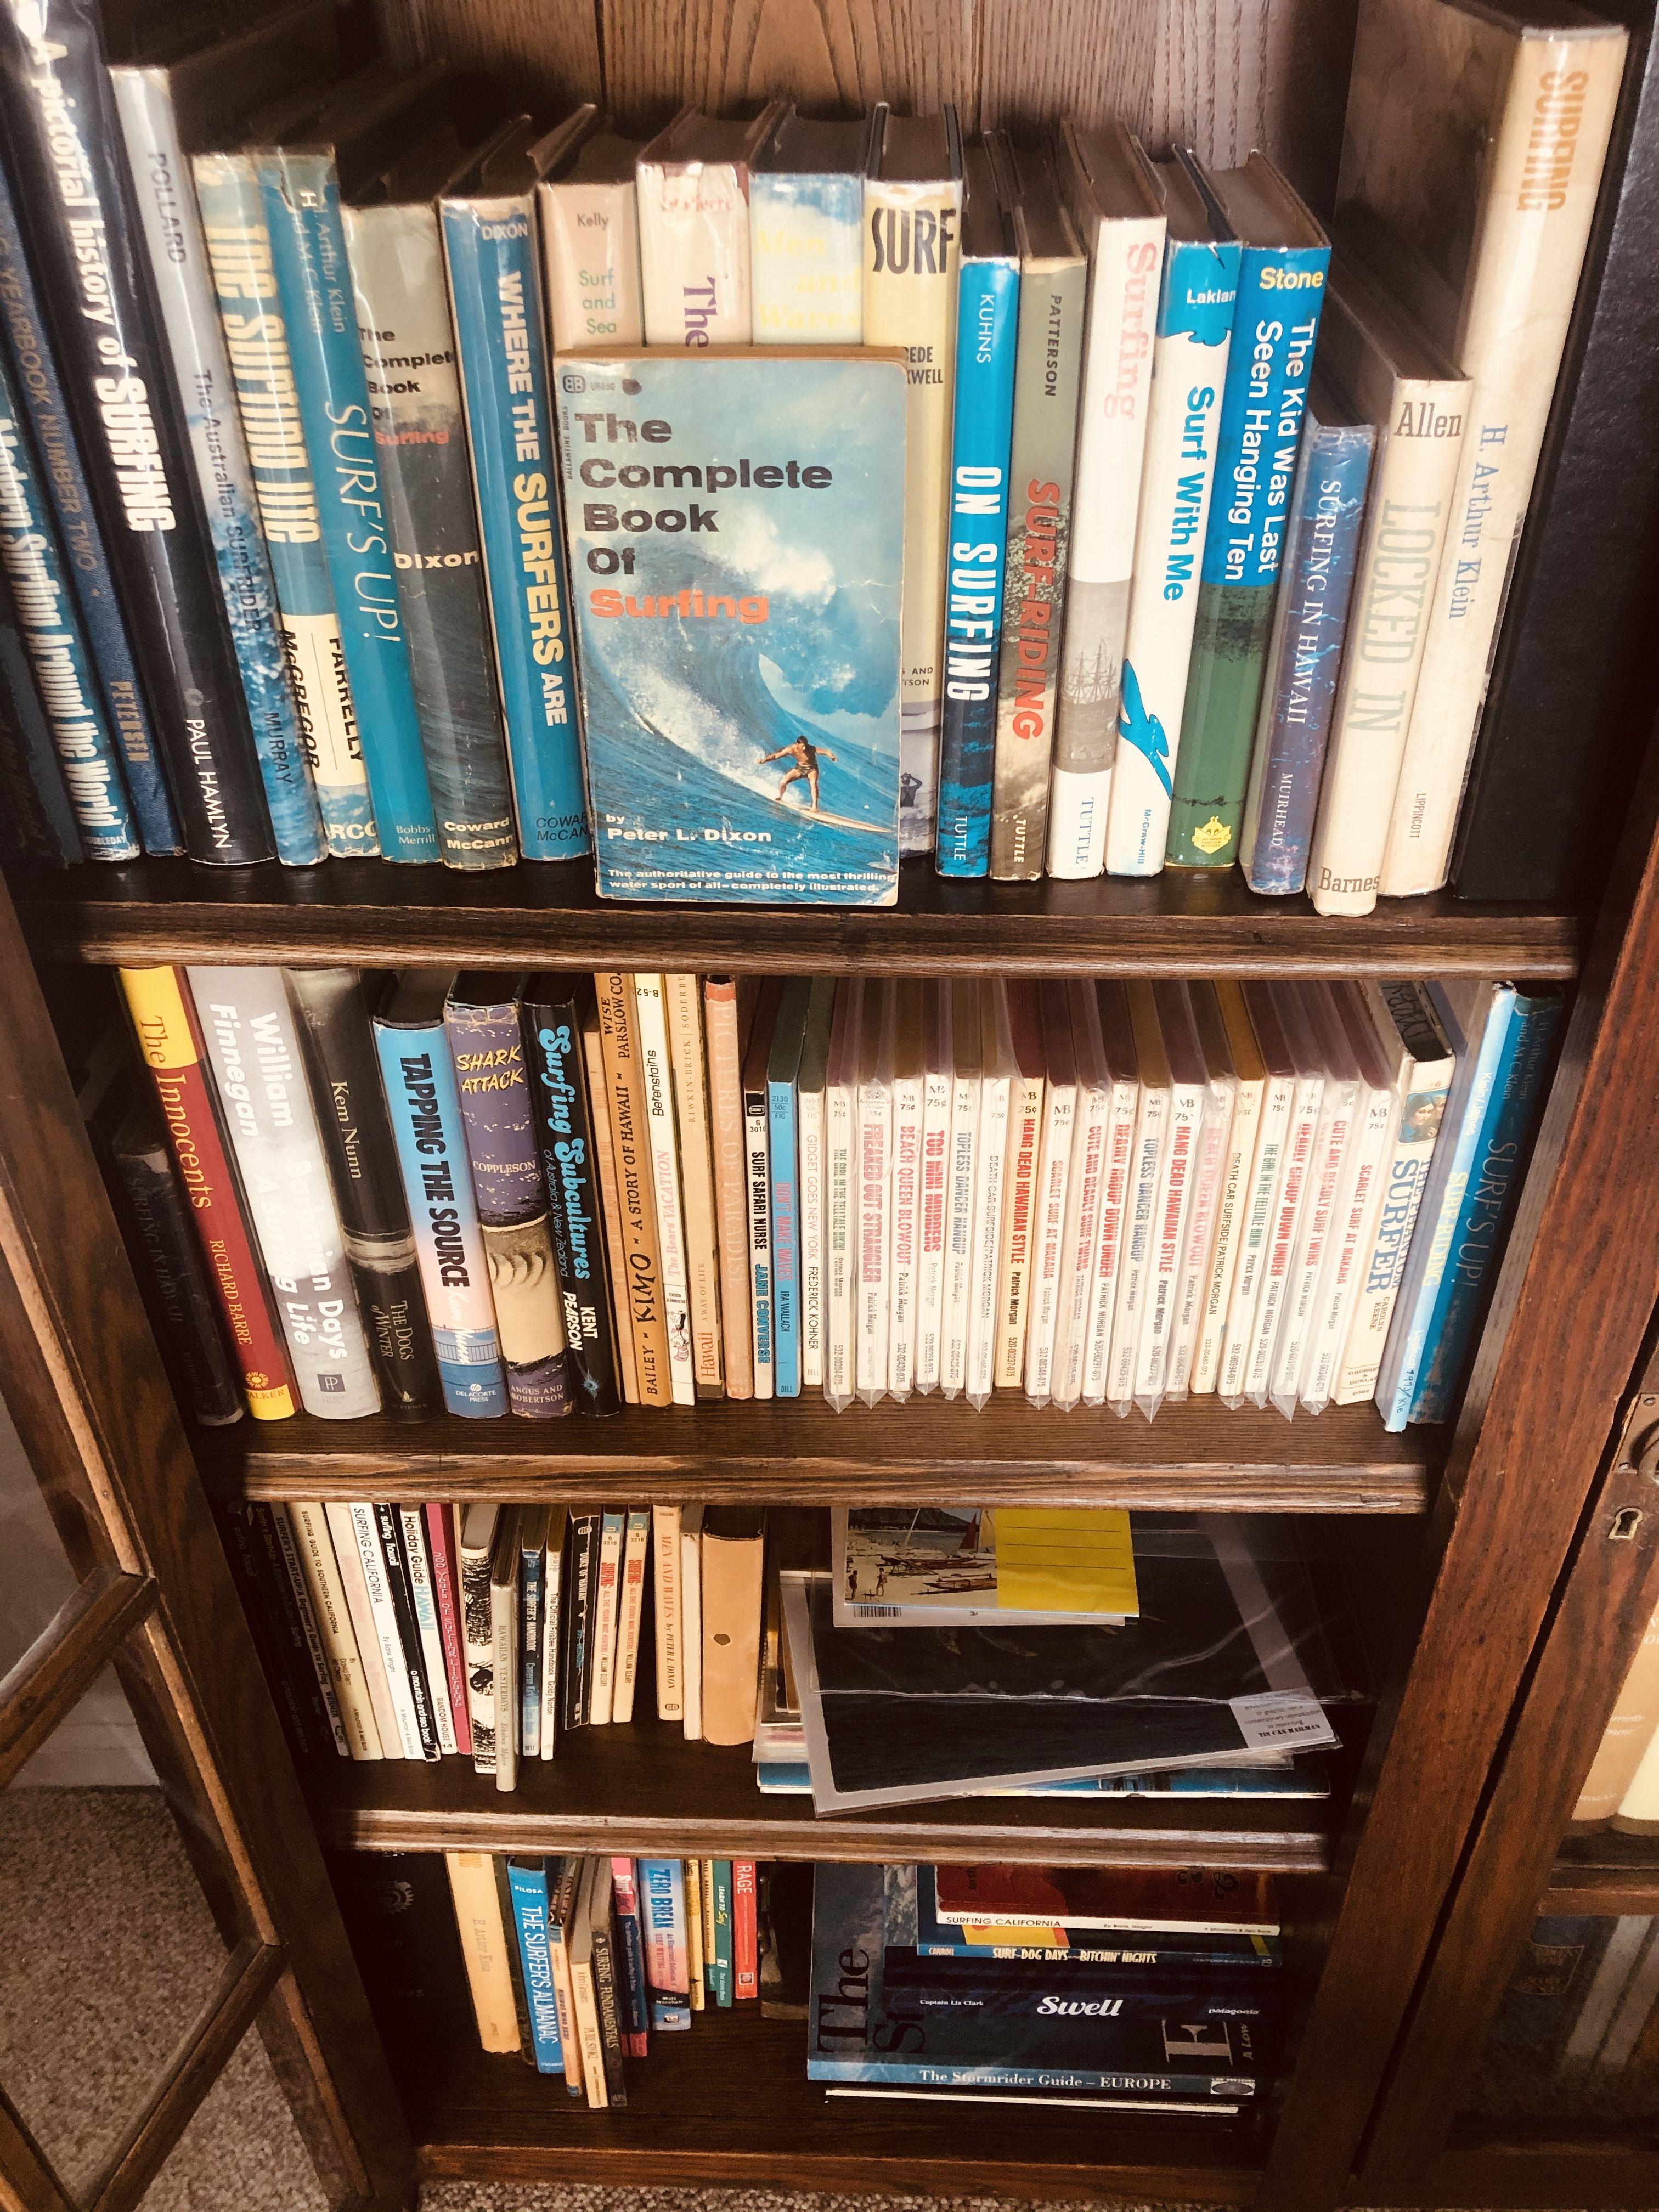 Surfing Books Bookcollection Bookshelves Bookshelf Surfing